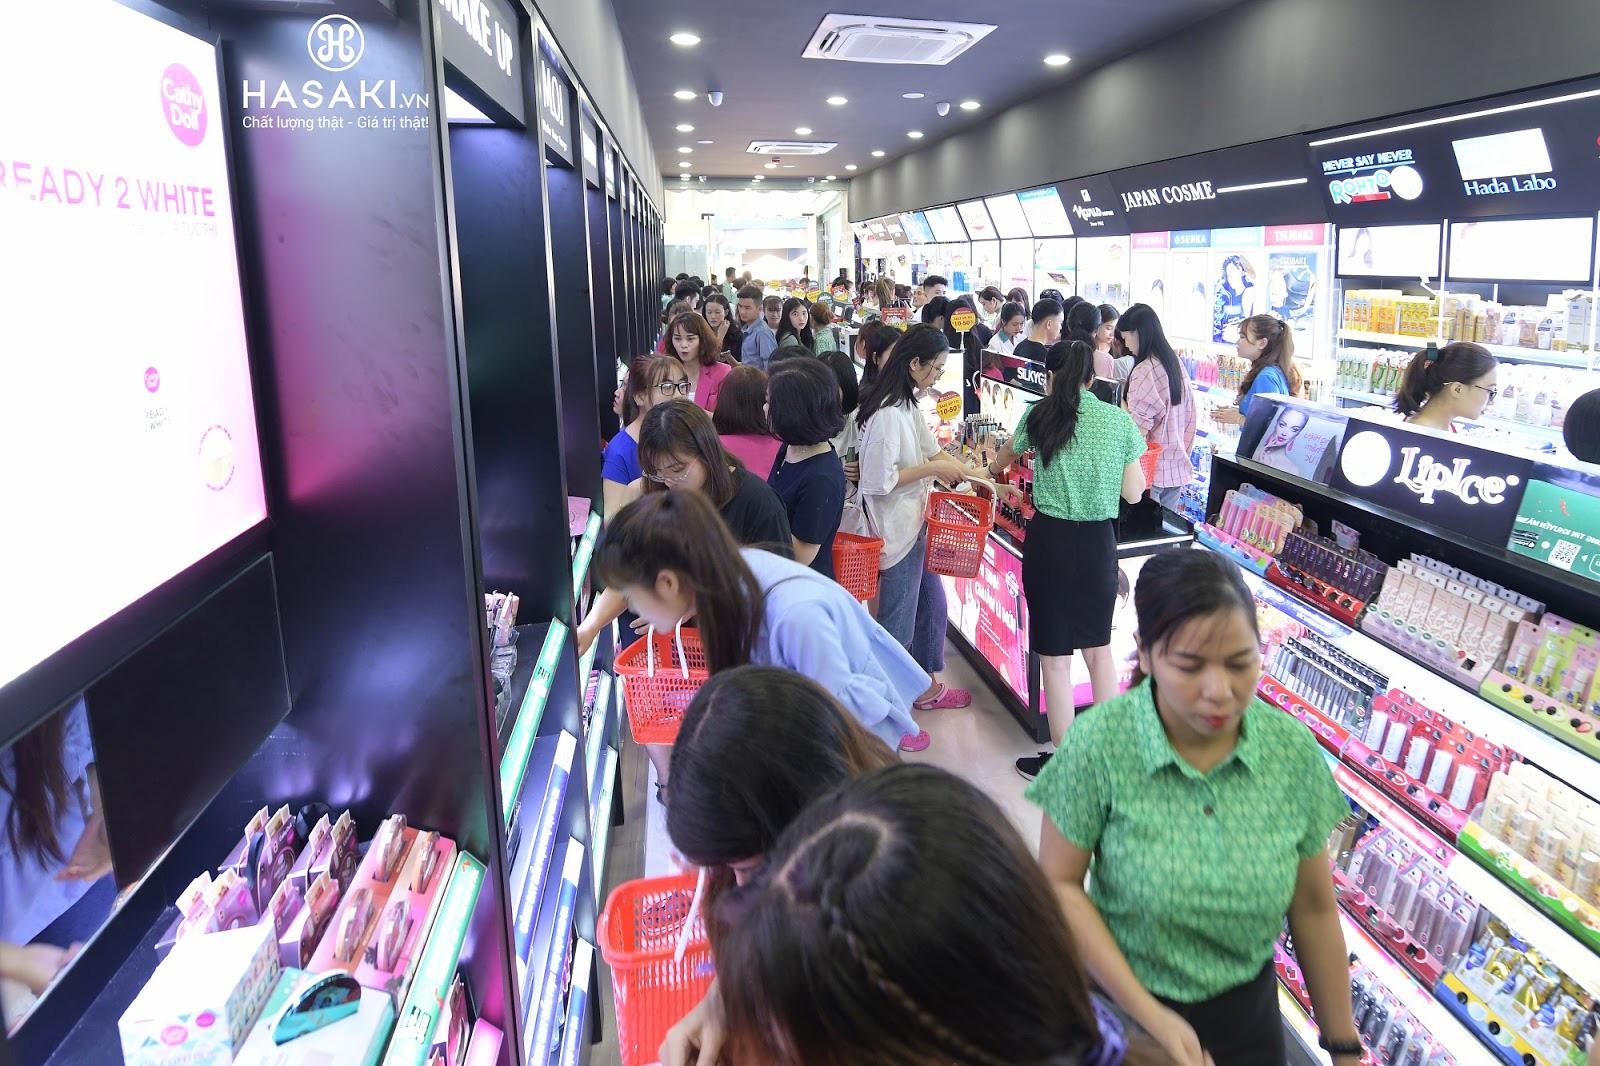 """Hàng ngàn người """"đổ xô"""" đến khai trương Hasaki chi nhánh 7 để trải nghiệm và mua sắm mỹ phẩm cao cấp với giá hời chưa từng có - Ảnh 3."""